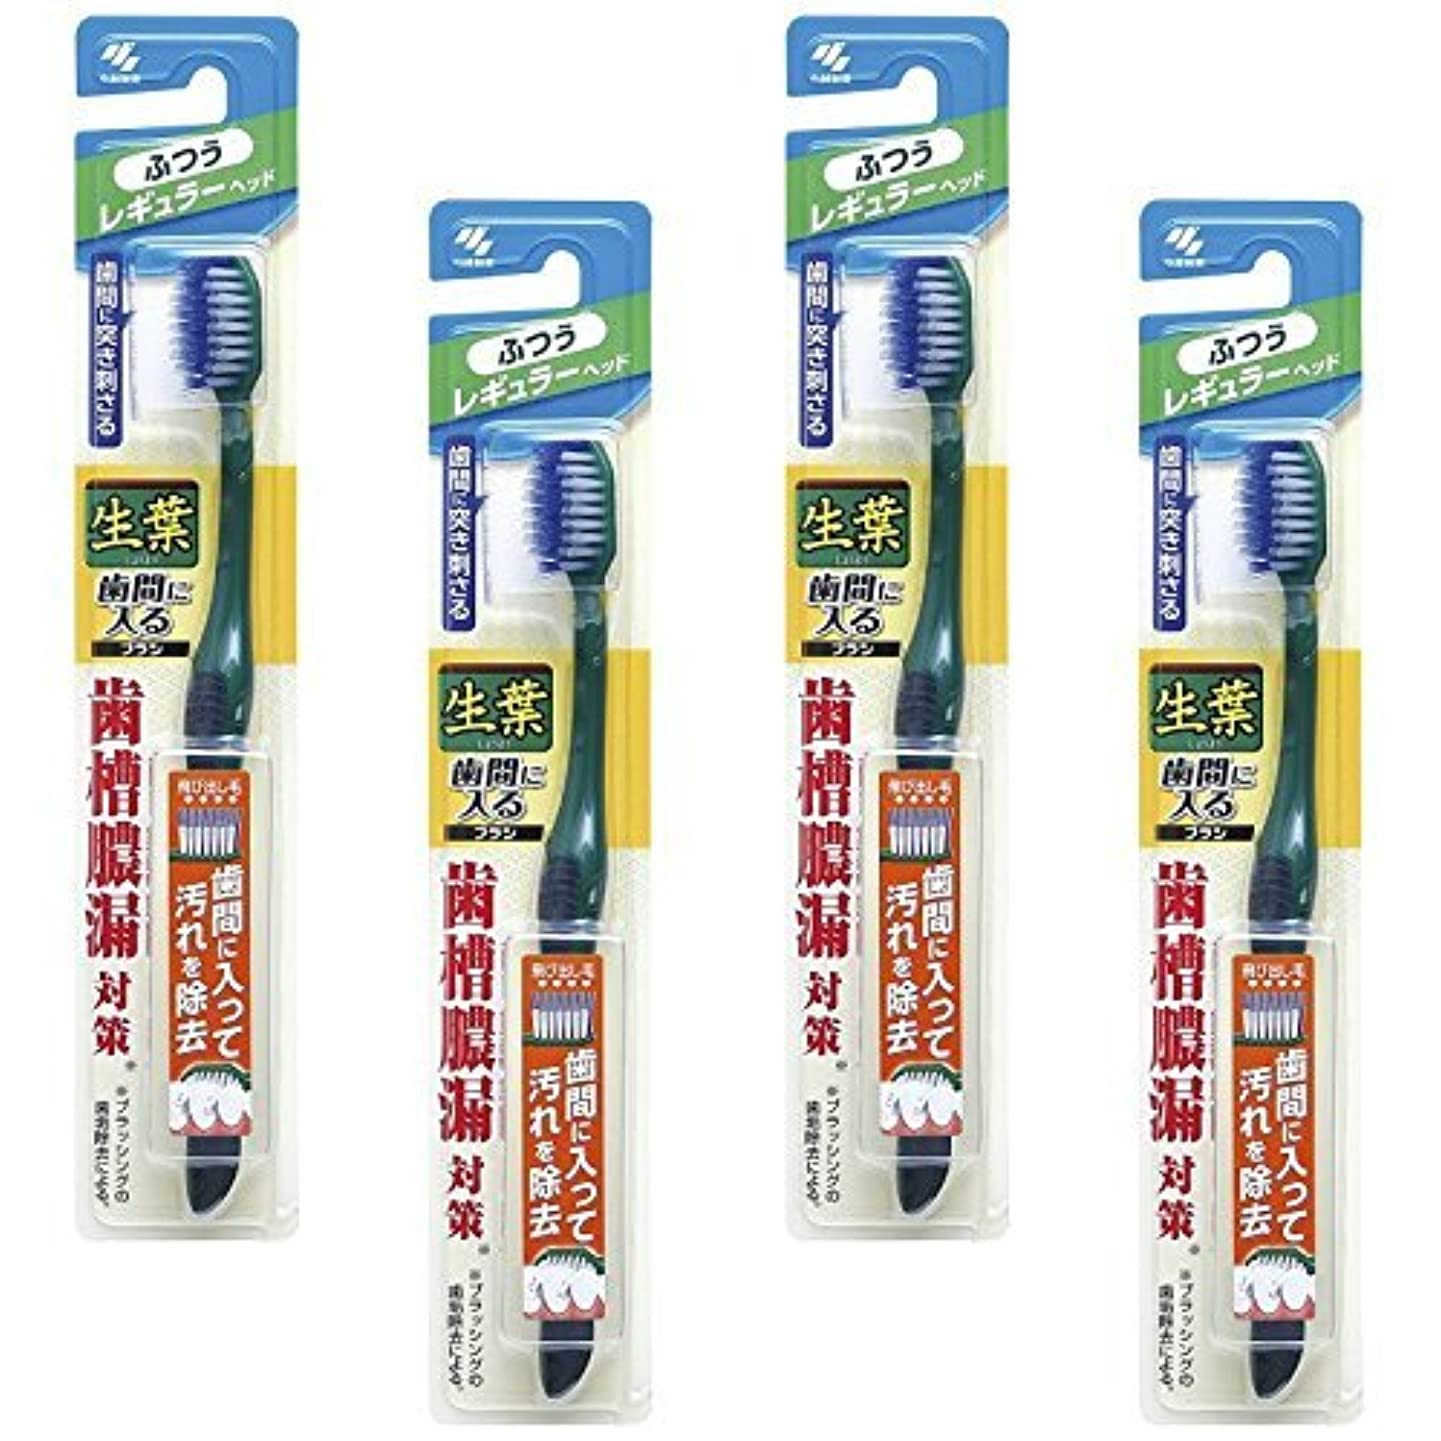 ほとんどない魔術師そのような【まとめ買い】生葉(しょうよう)歯間に入るブラシ 歯ブラシ レギュラー ふつう ×4個